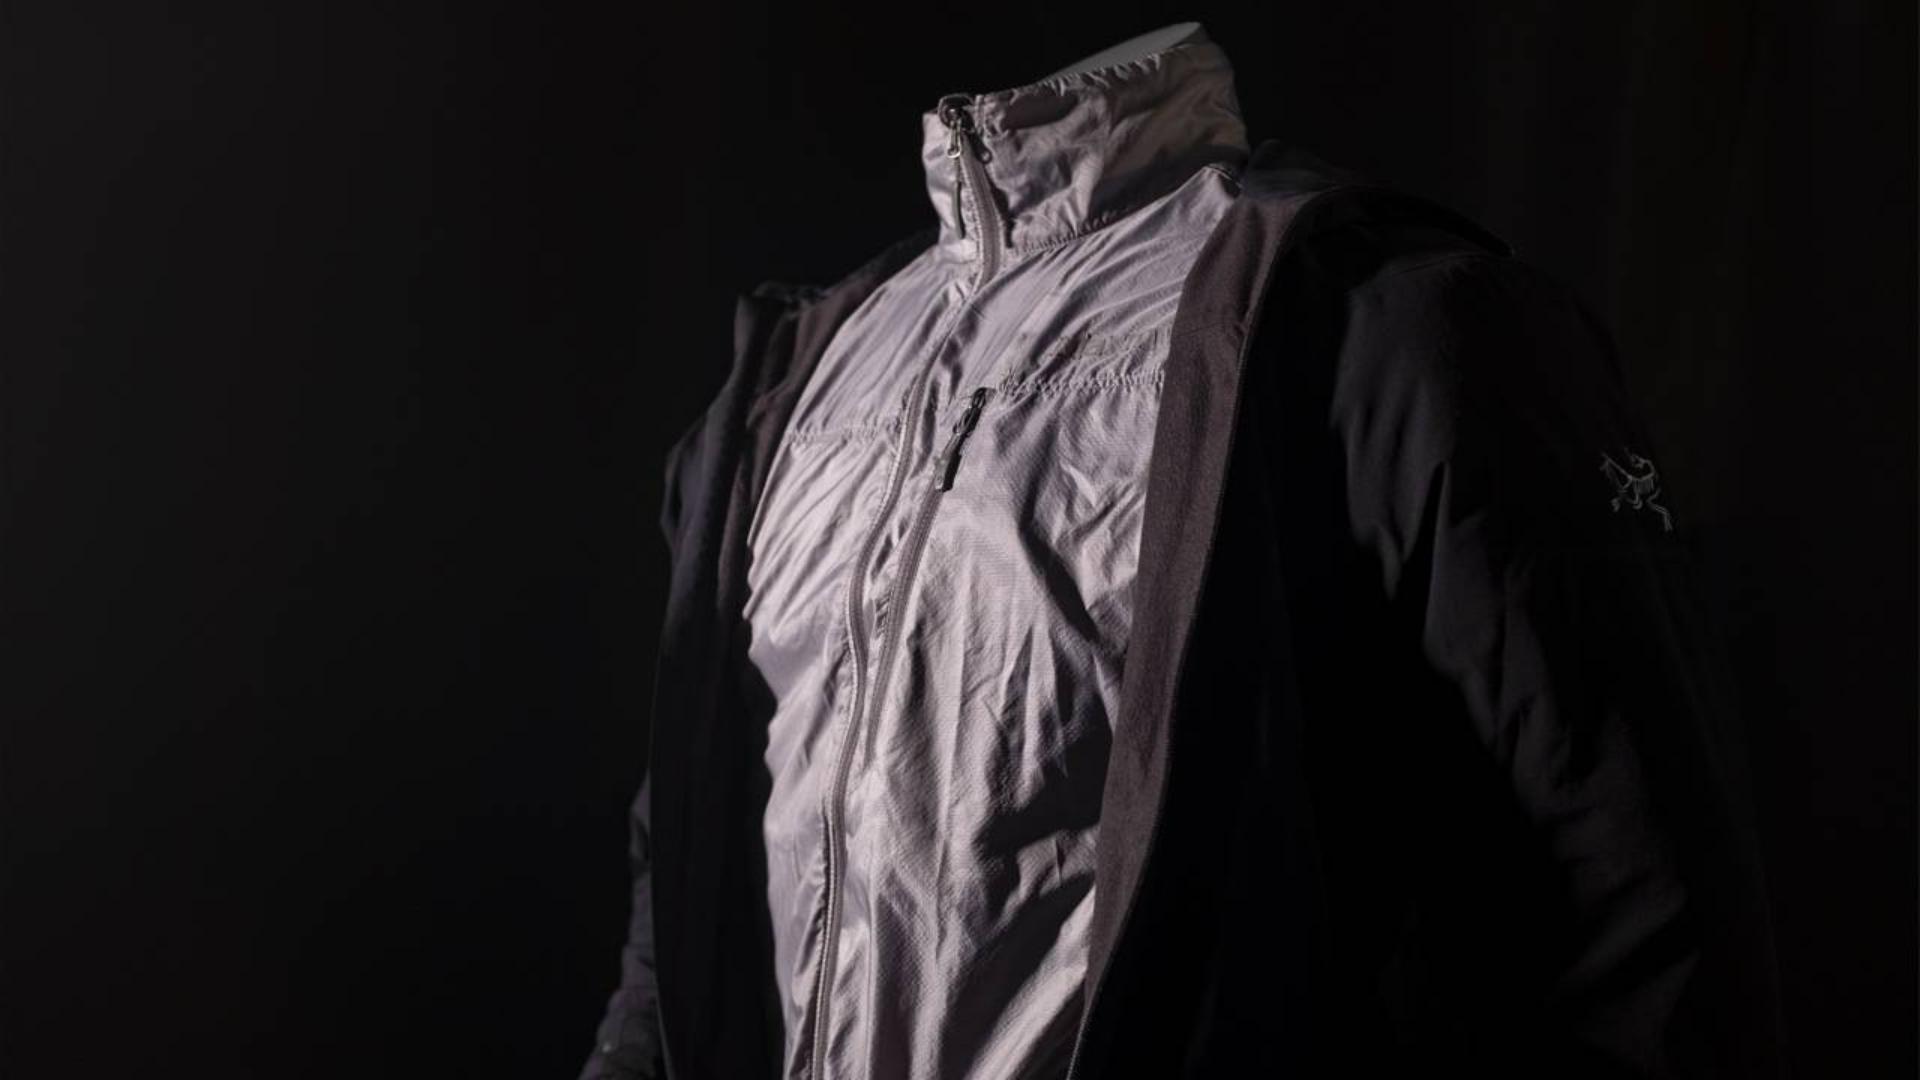 旗客试验室 / MARMOT神衣到底有没有那么神?国内卖的是不是假货?